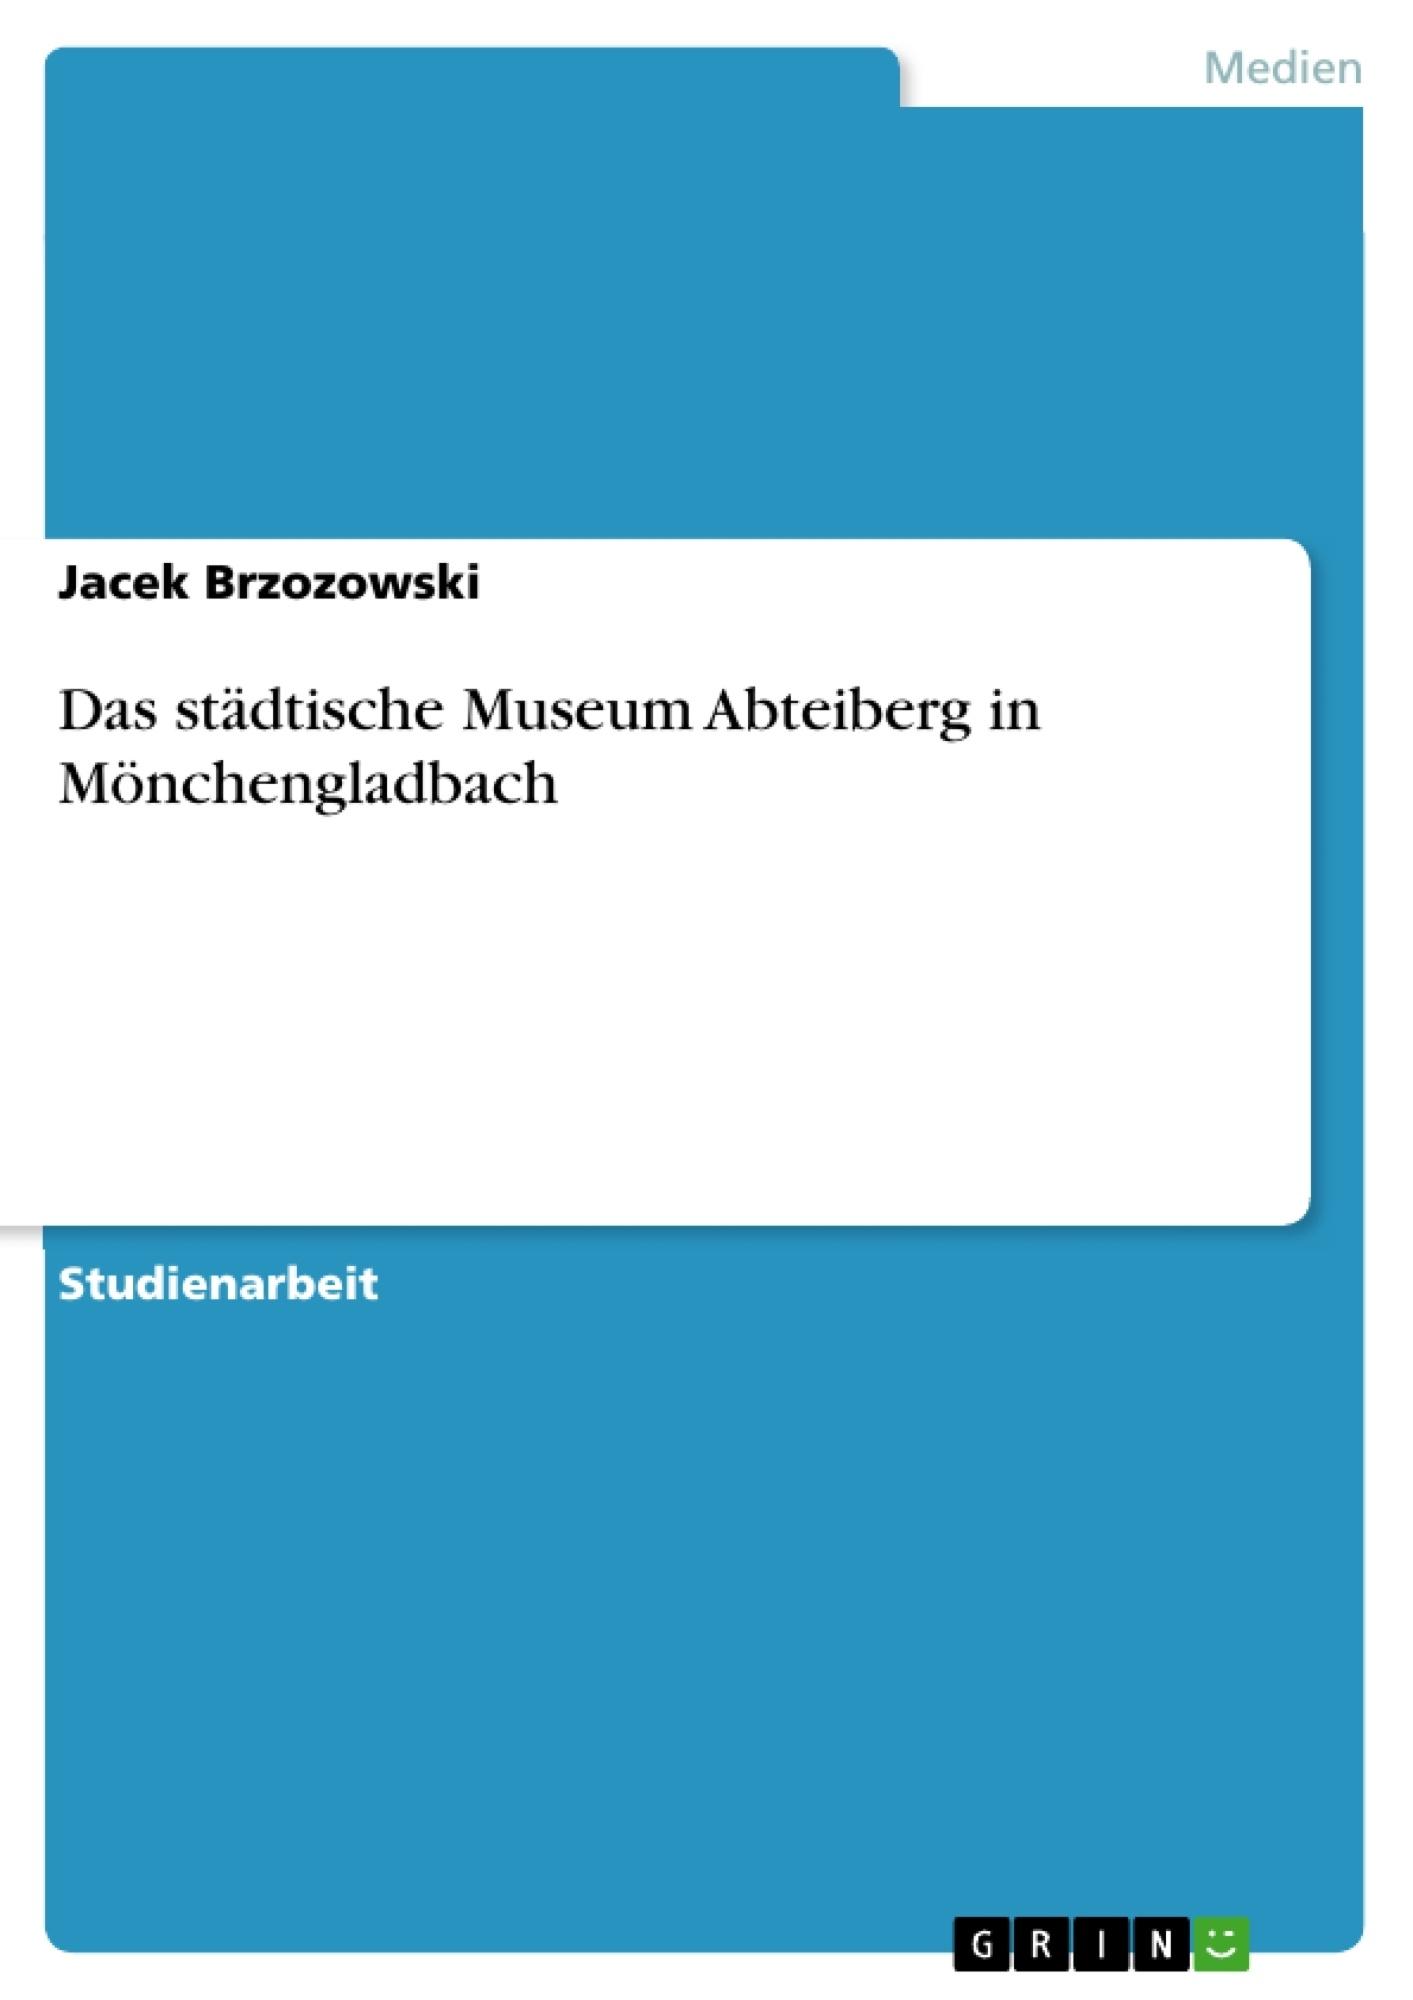 Titel: Das städtische Museum Abteiberg in Mönchengladbach